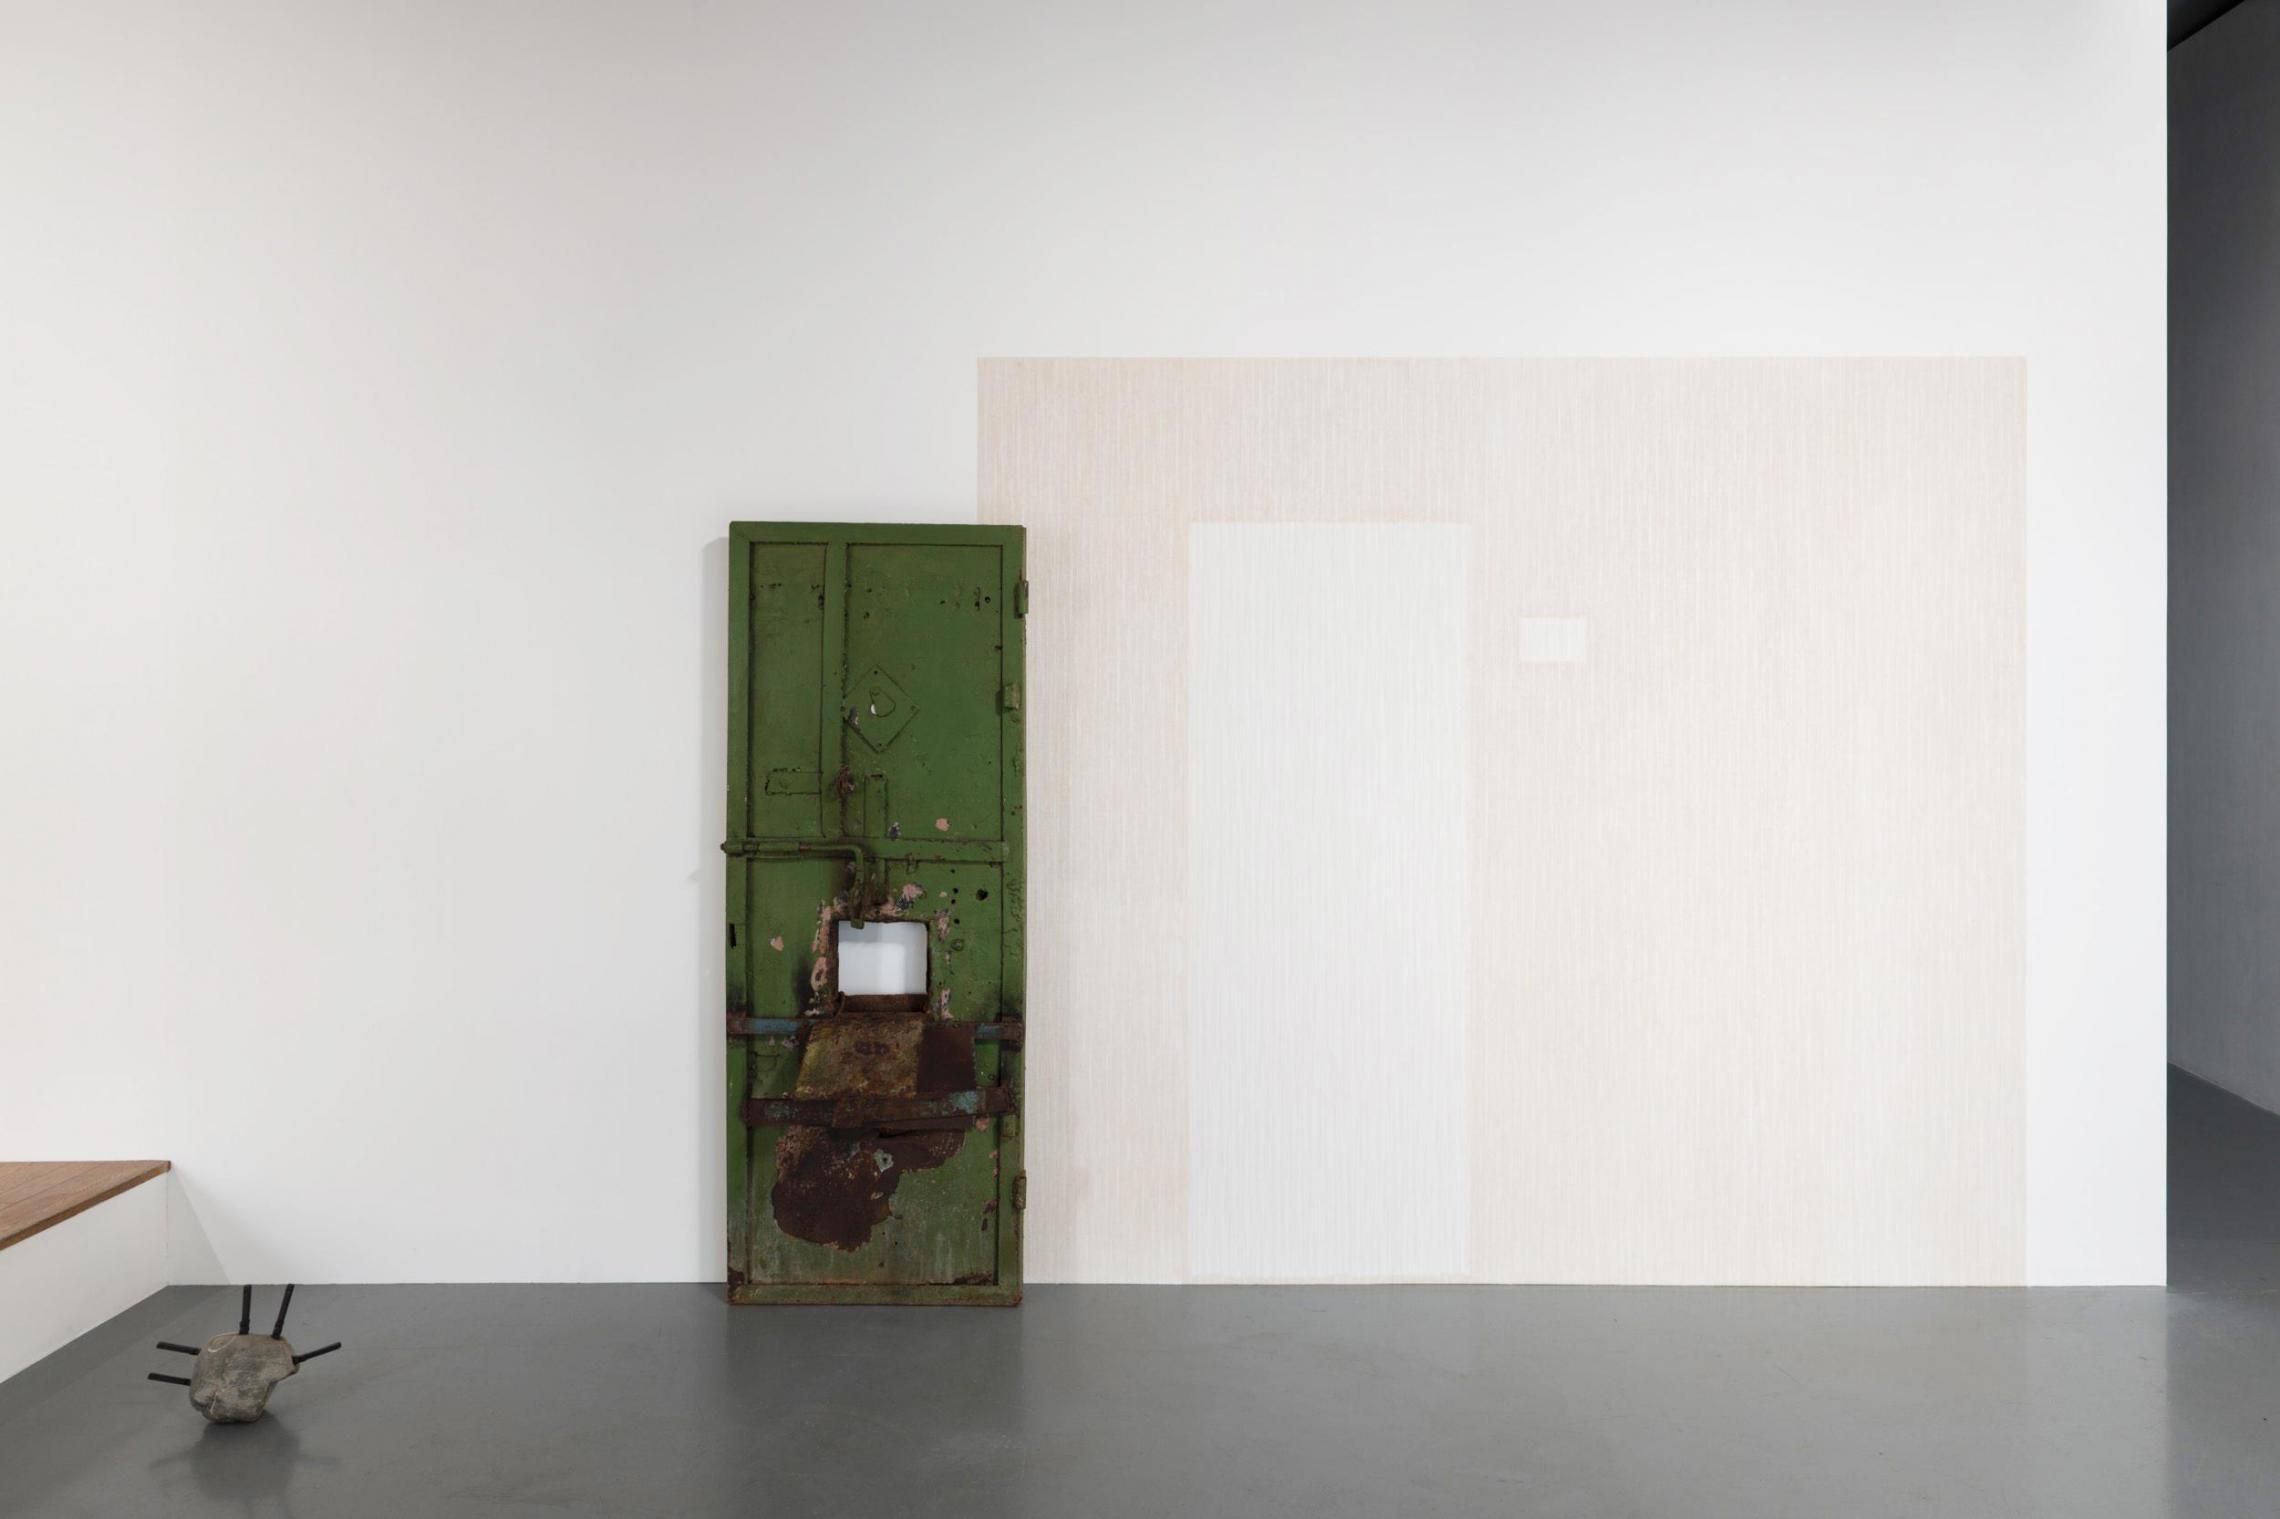 ヴァジコ・チャッキアーニ《 Moment in and out of time 》 2014年、メタル、ワックス、190×80×40 cm